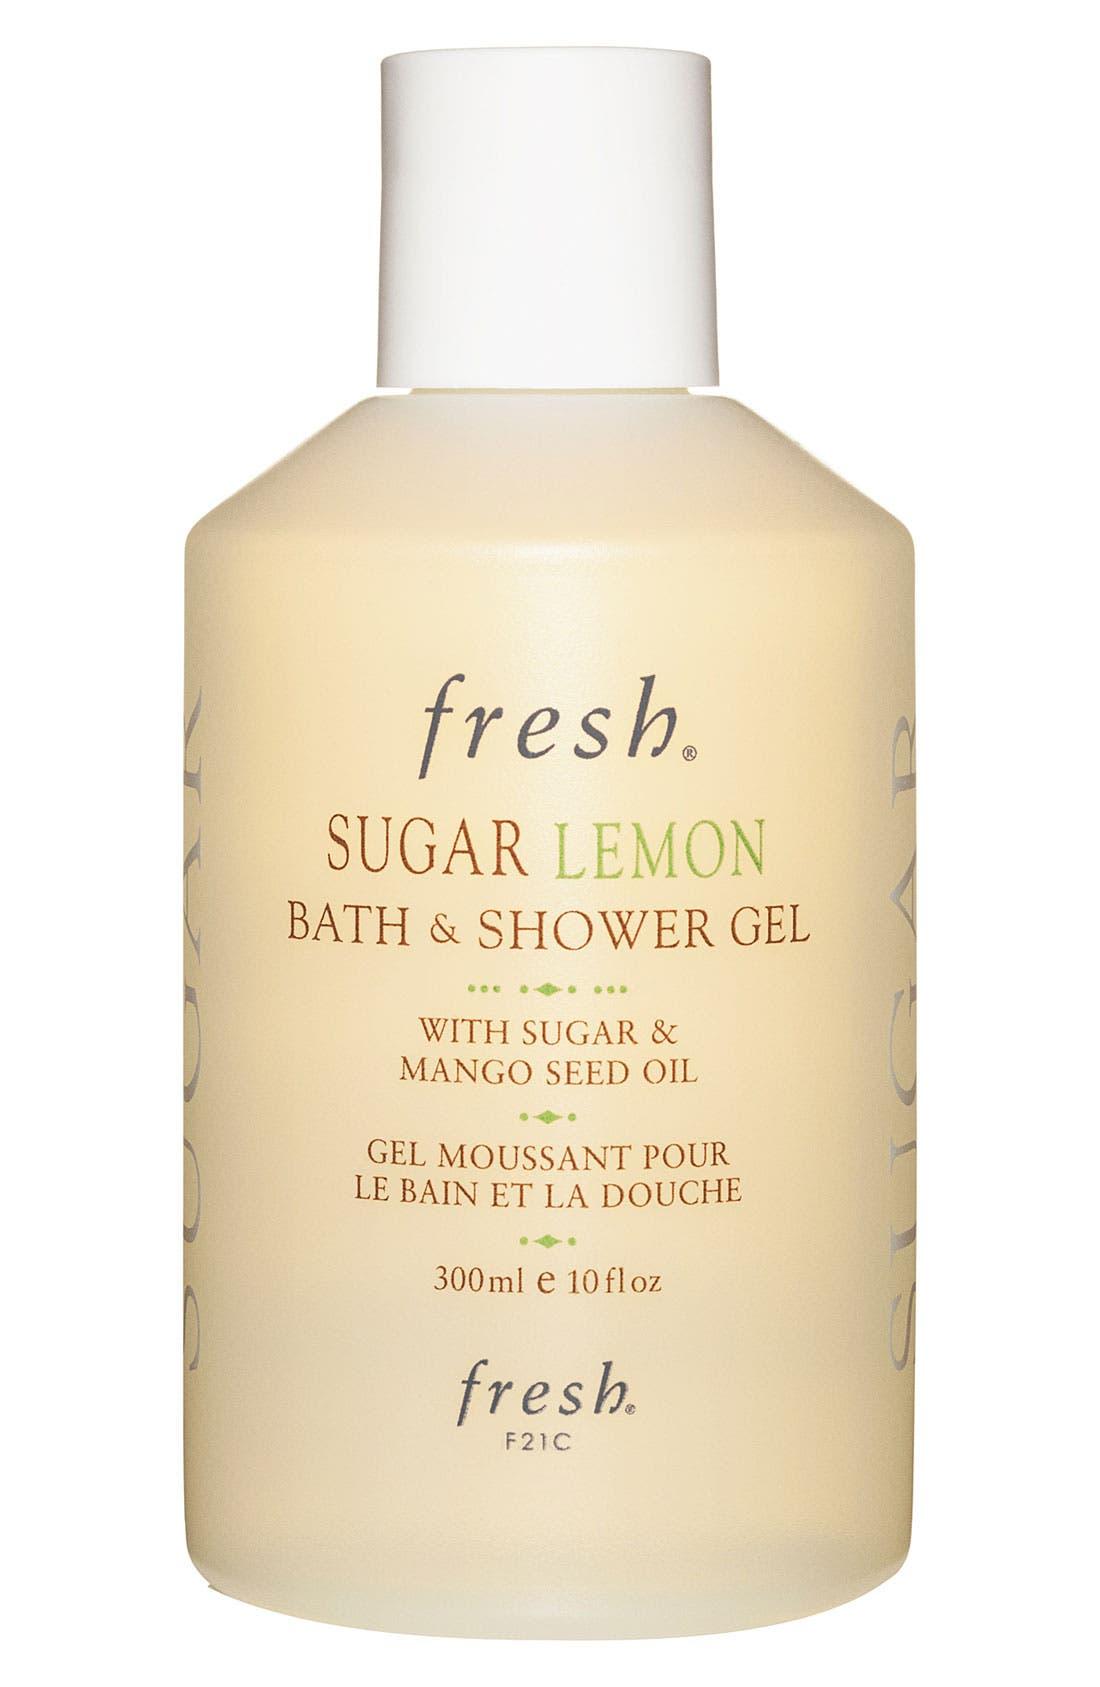 Fresh® Sugar Lemon Bath & Shower Gel